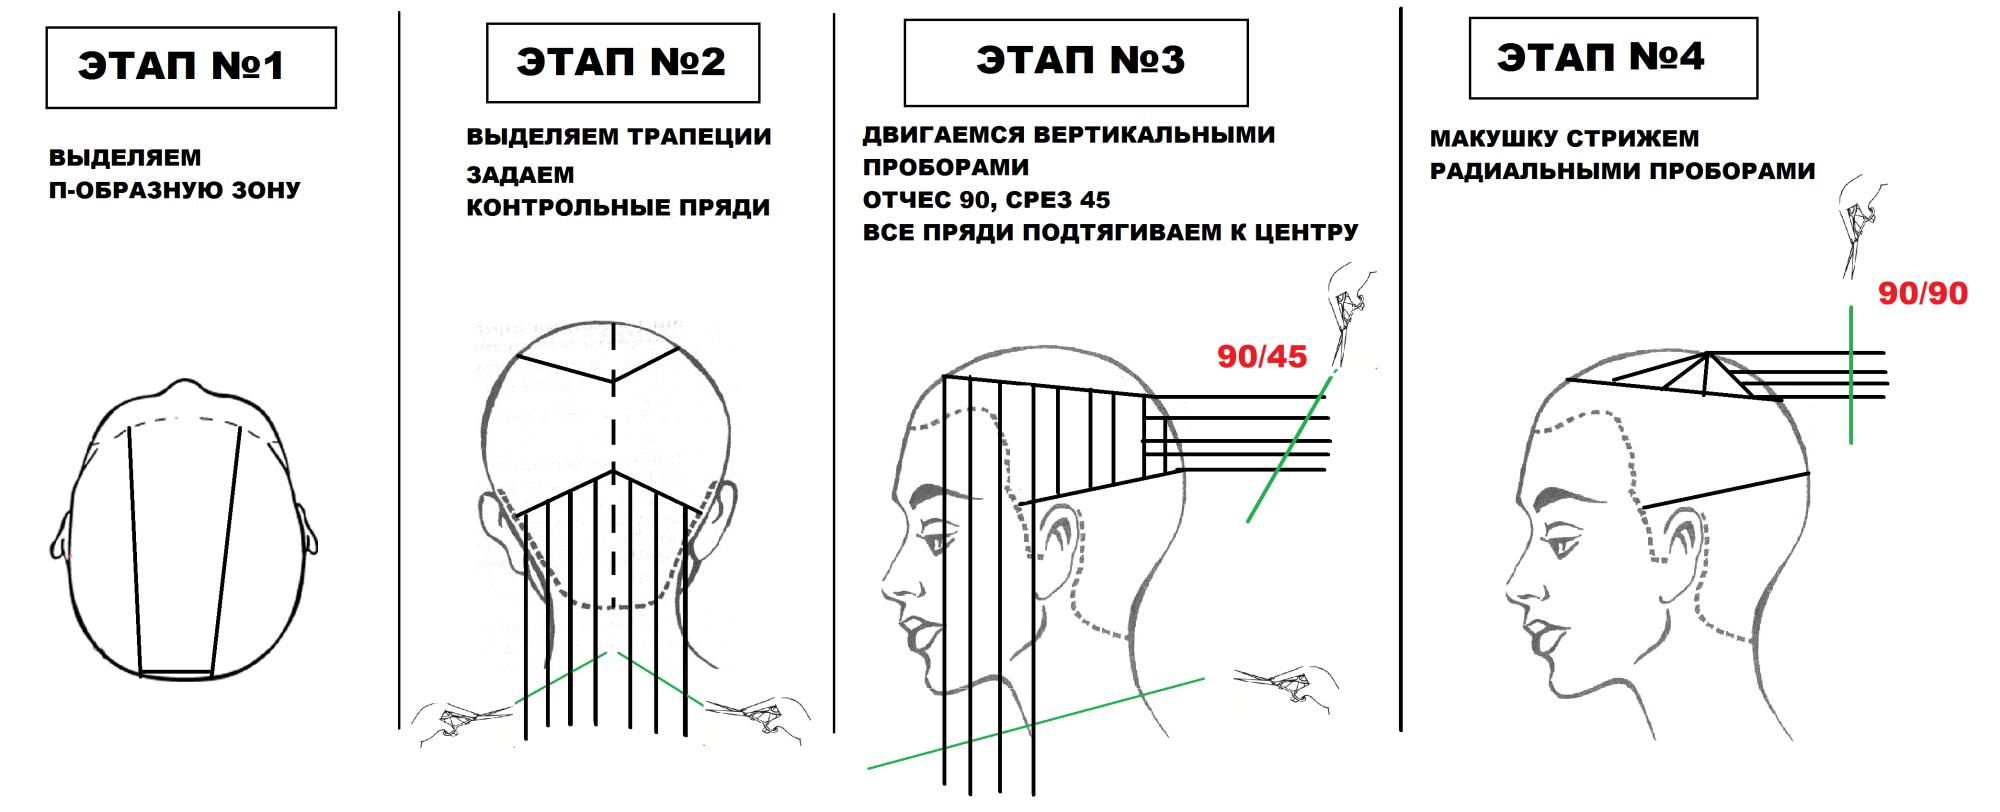 стрижка каре технология выполнения со схемами фото хакерской атаки сеть